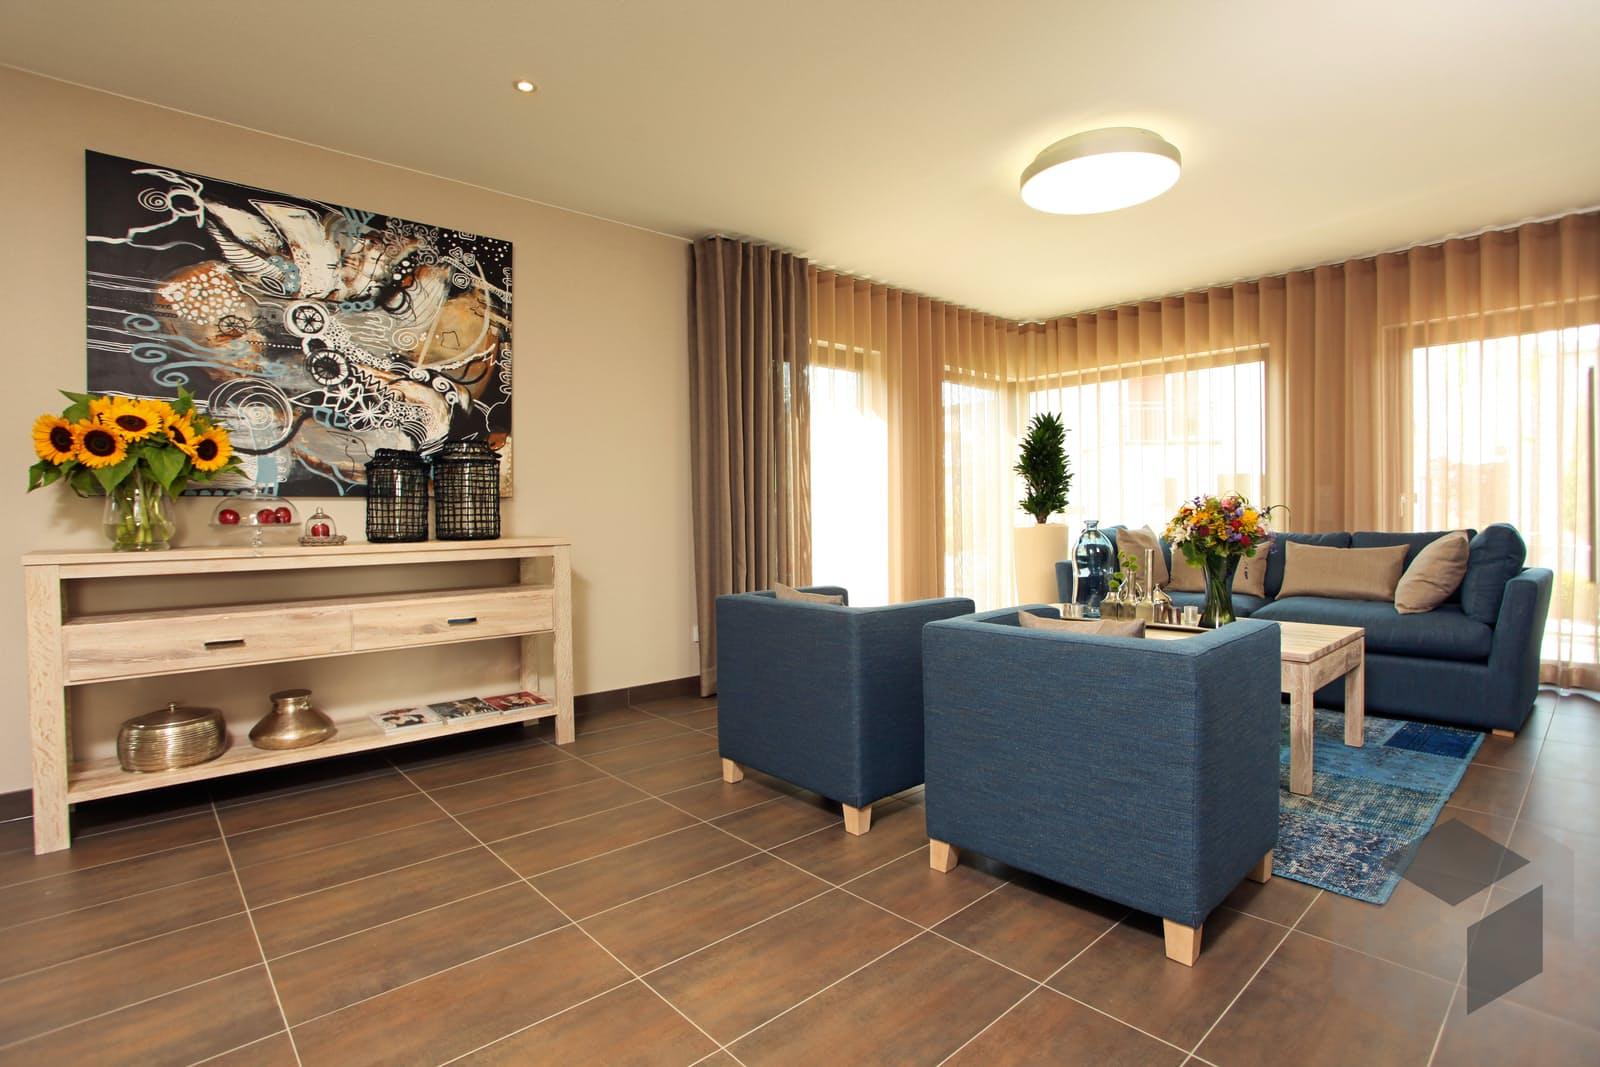 vio 450 musterhaus mannheim von fingerhaus komplette daten bersicht. Black Bedroom Furniture Sets. Home Design Ideas